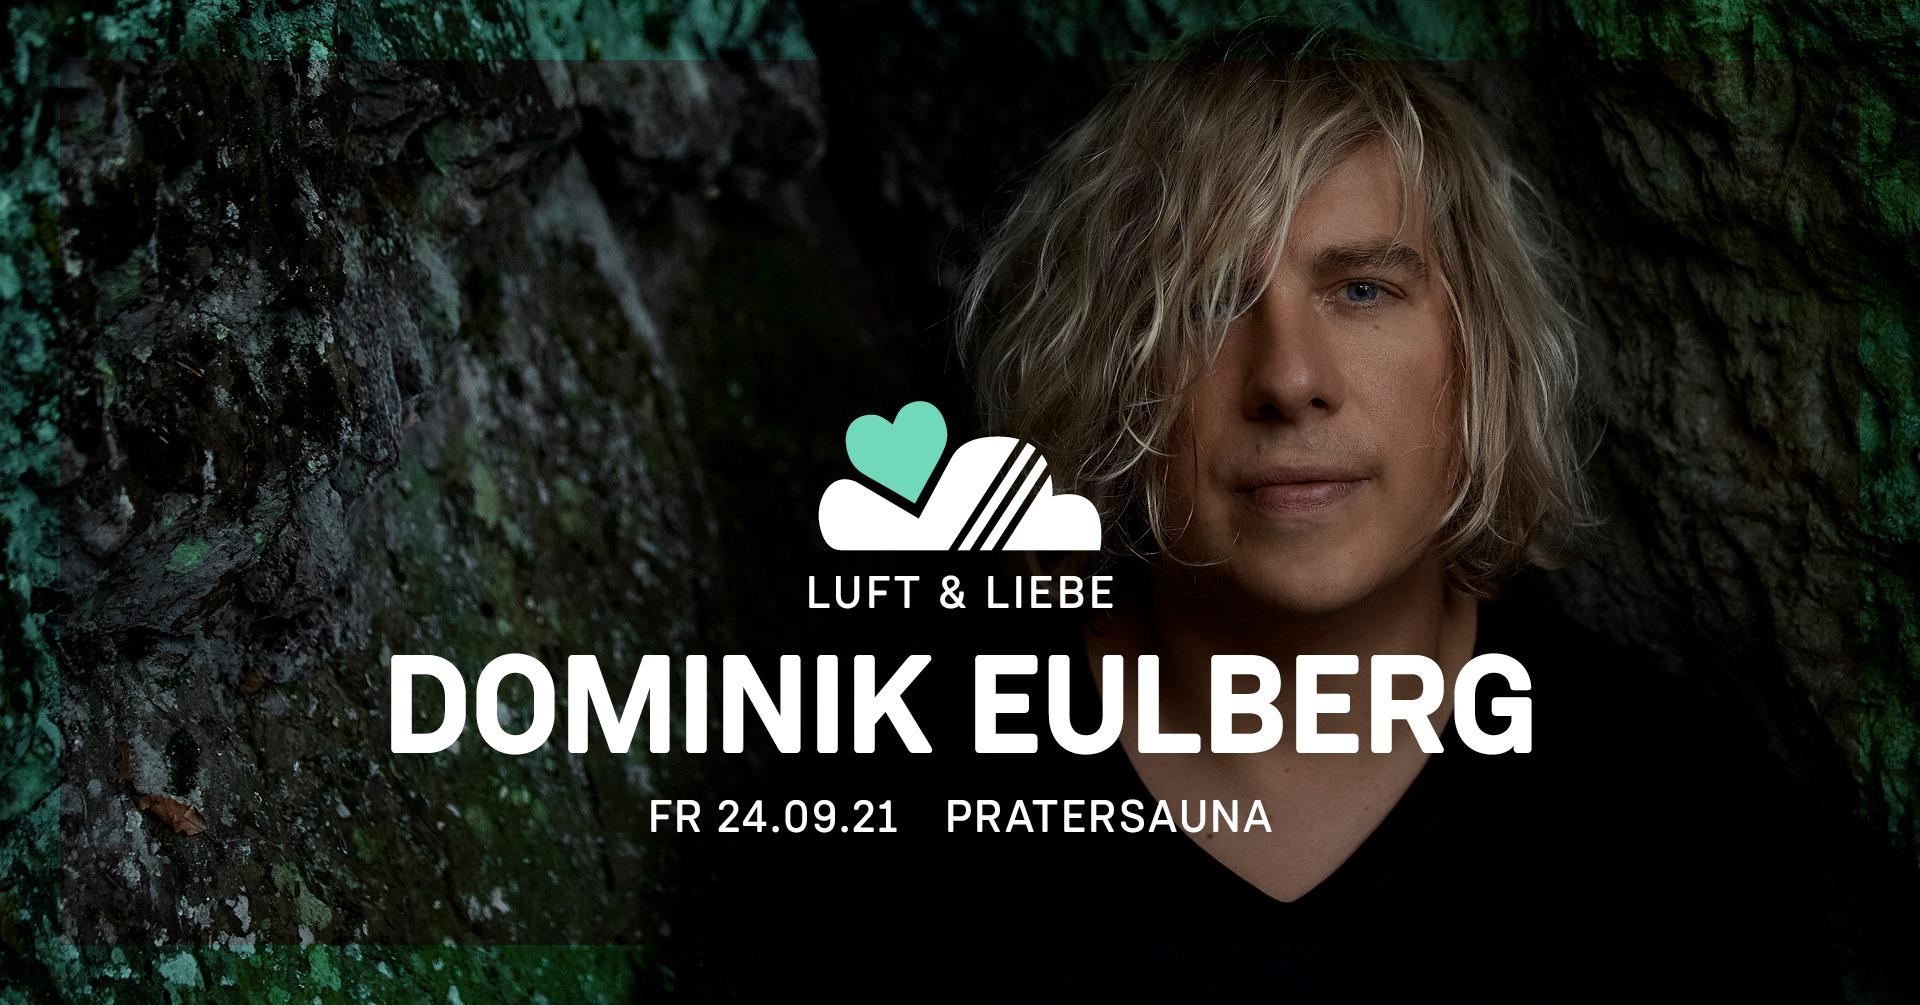 Events Wien: LUFT & LIEBE w/ DOMINIK EULBERG | Pratersauna